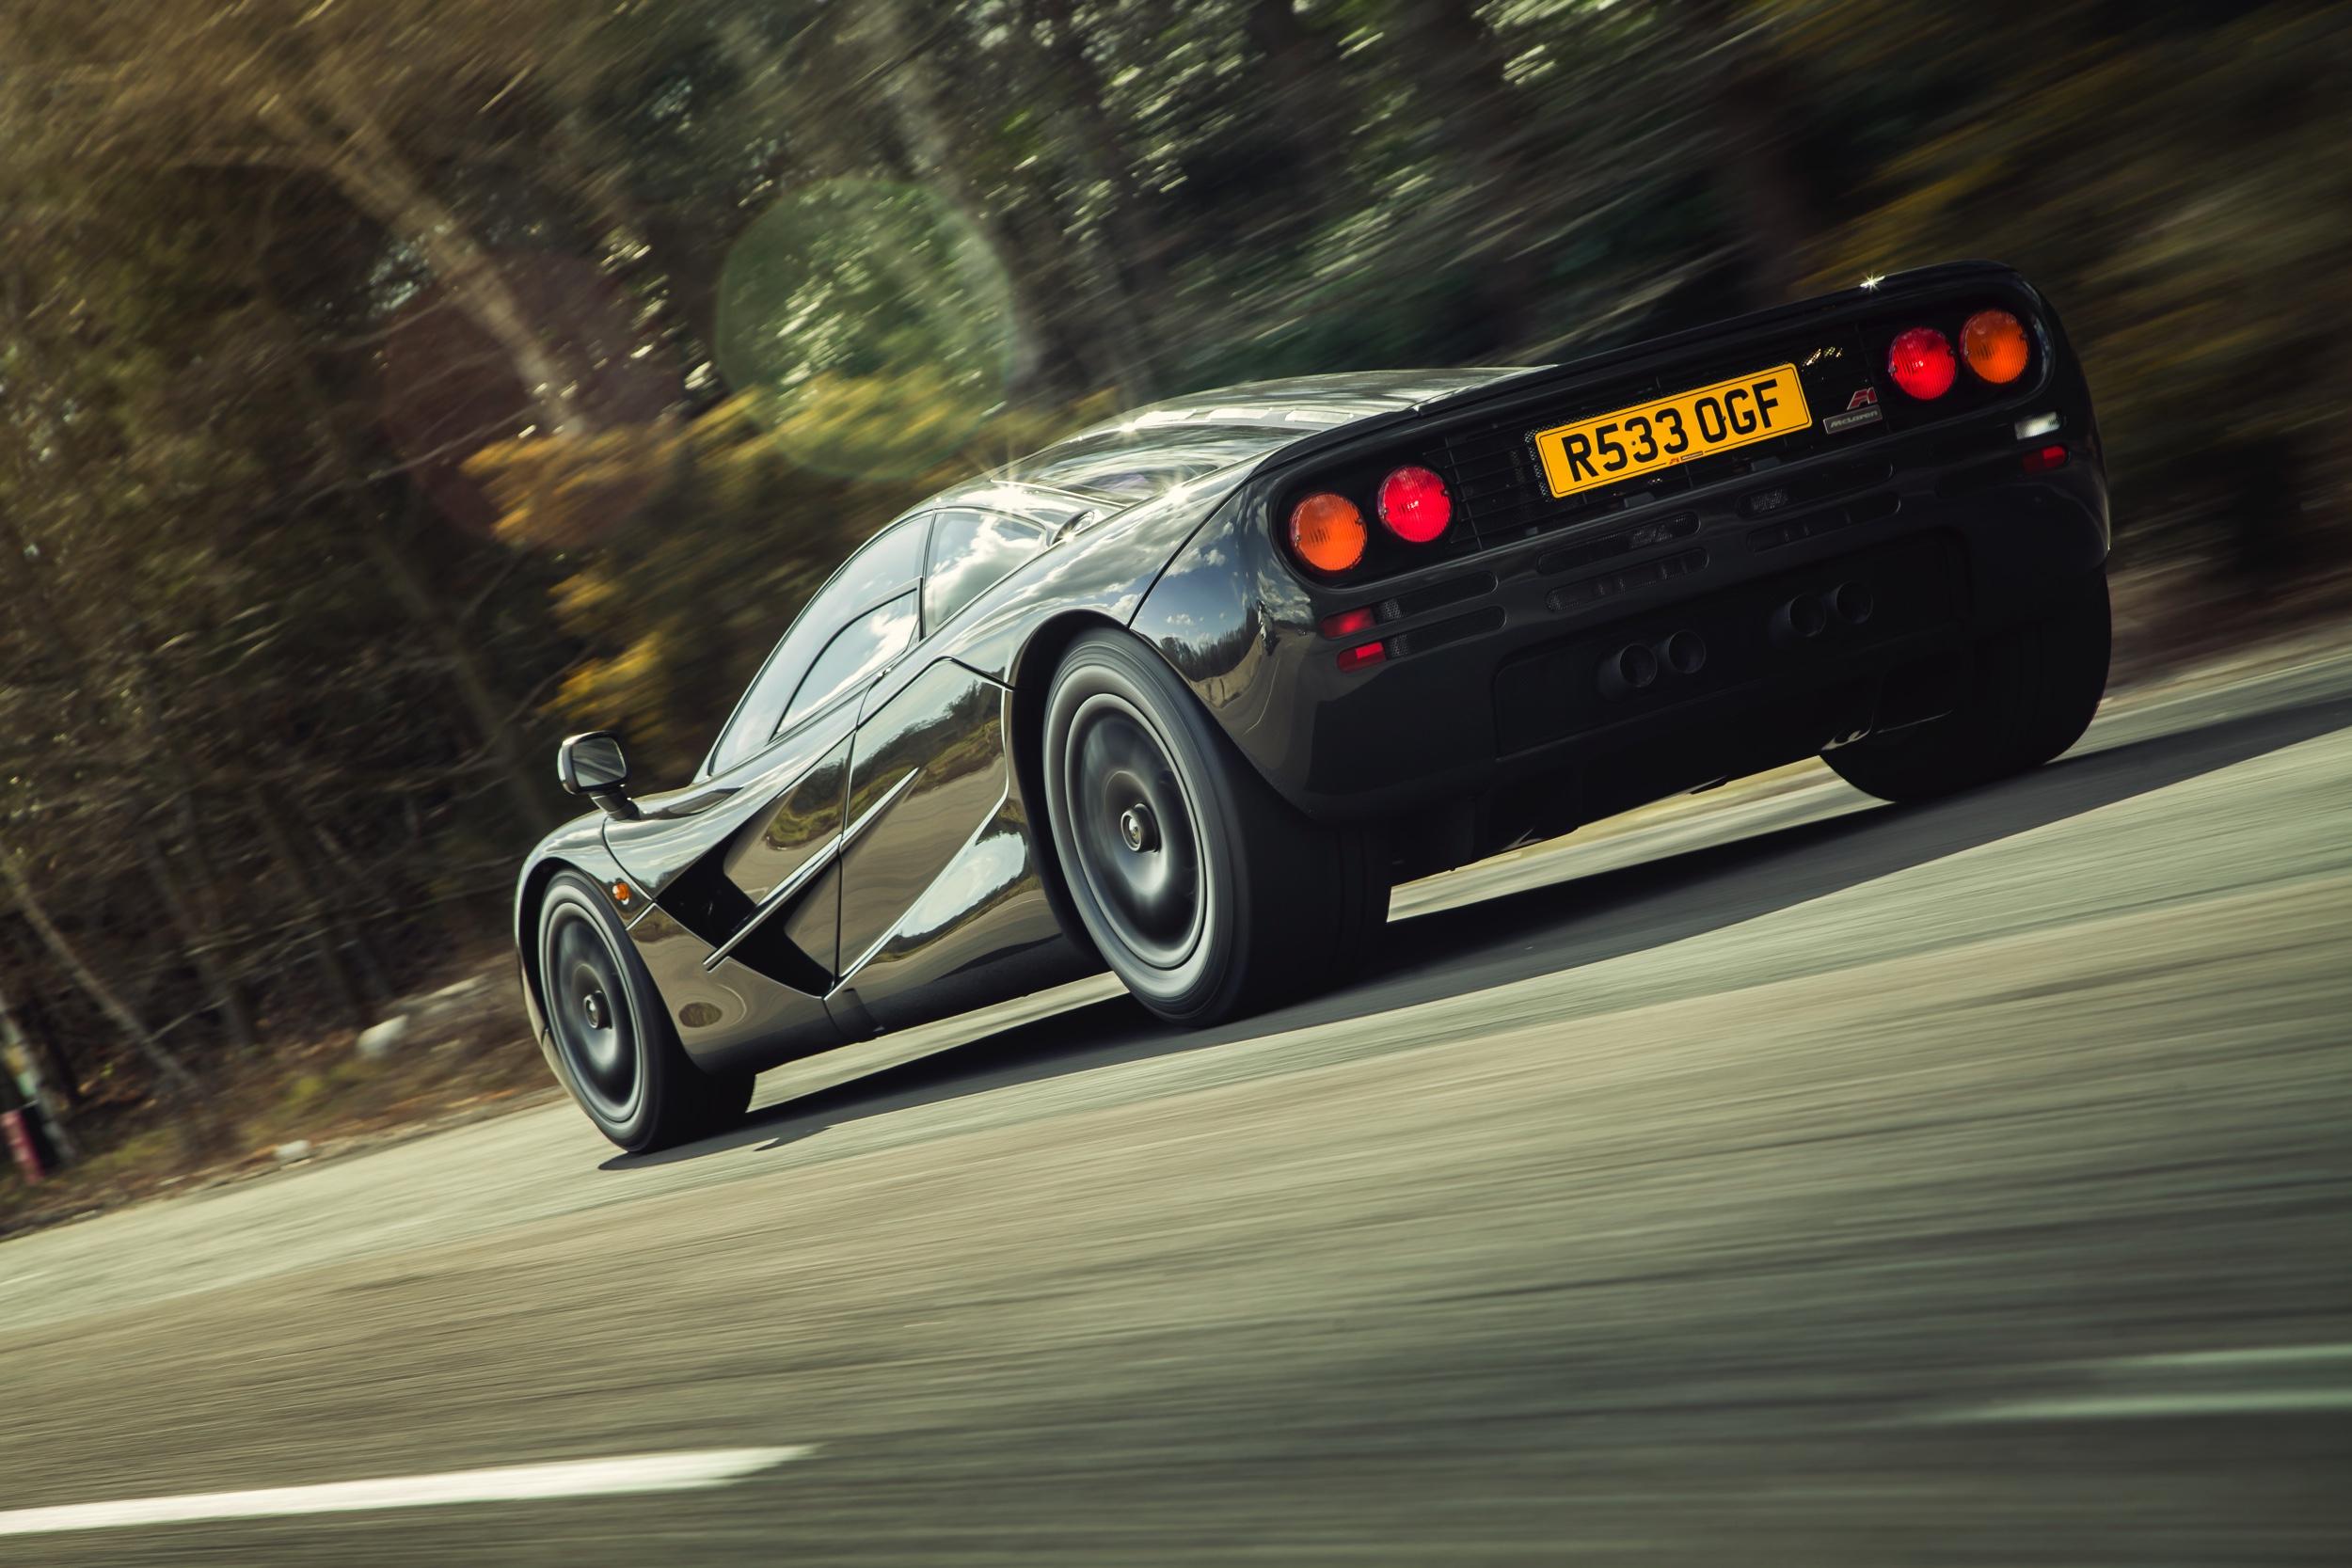 McLaren F1 -13- Autovisie.nl